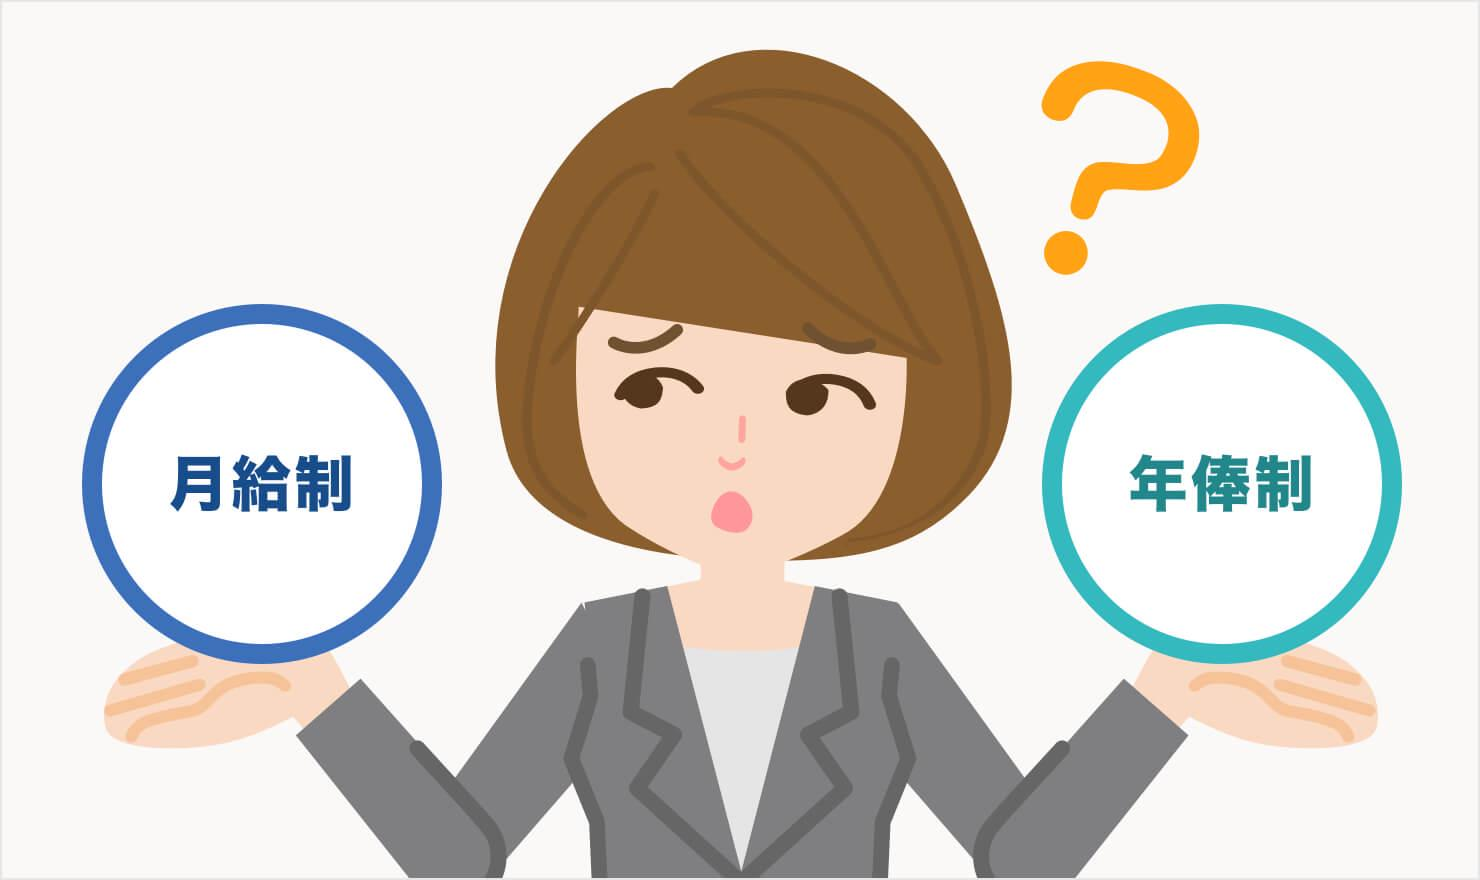 月給制と年俸制の違いは?メリット・デメリットを知って転職に活かそう